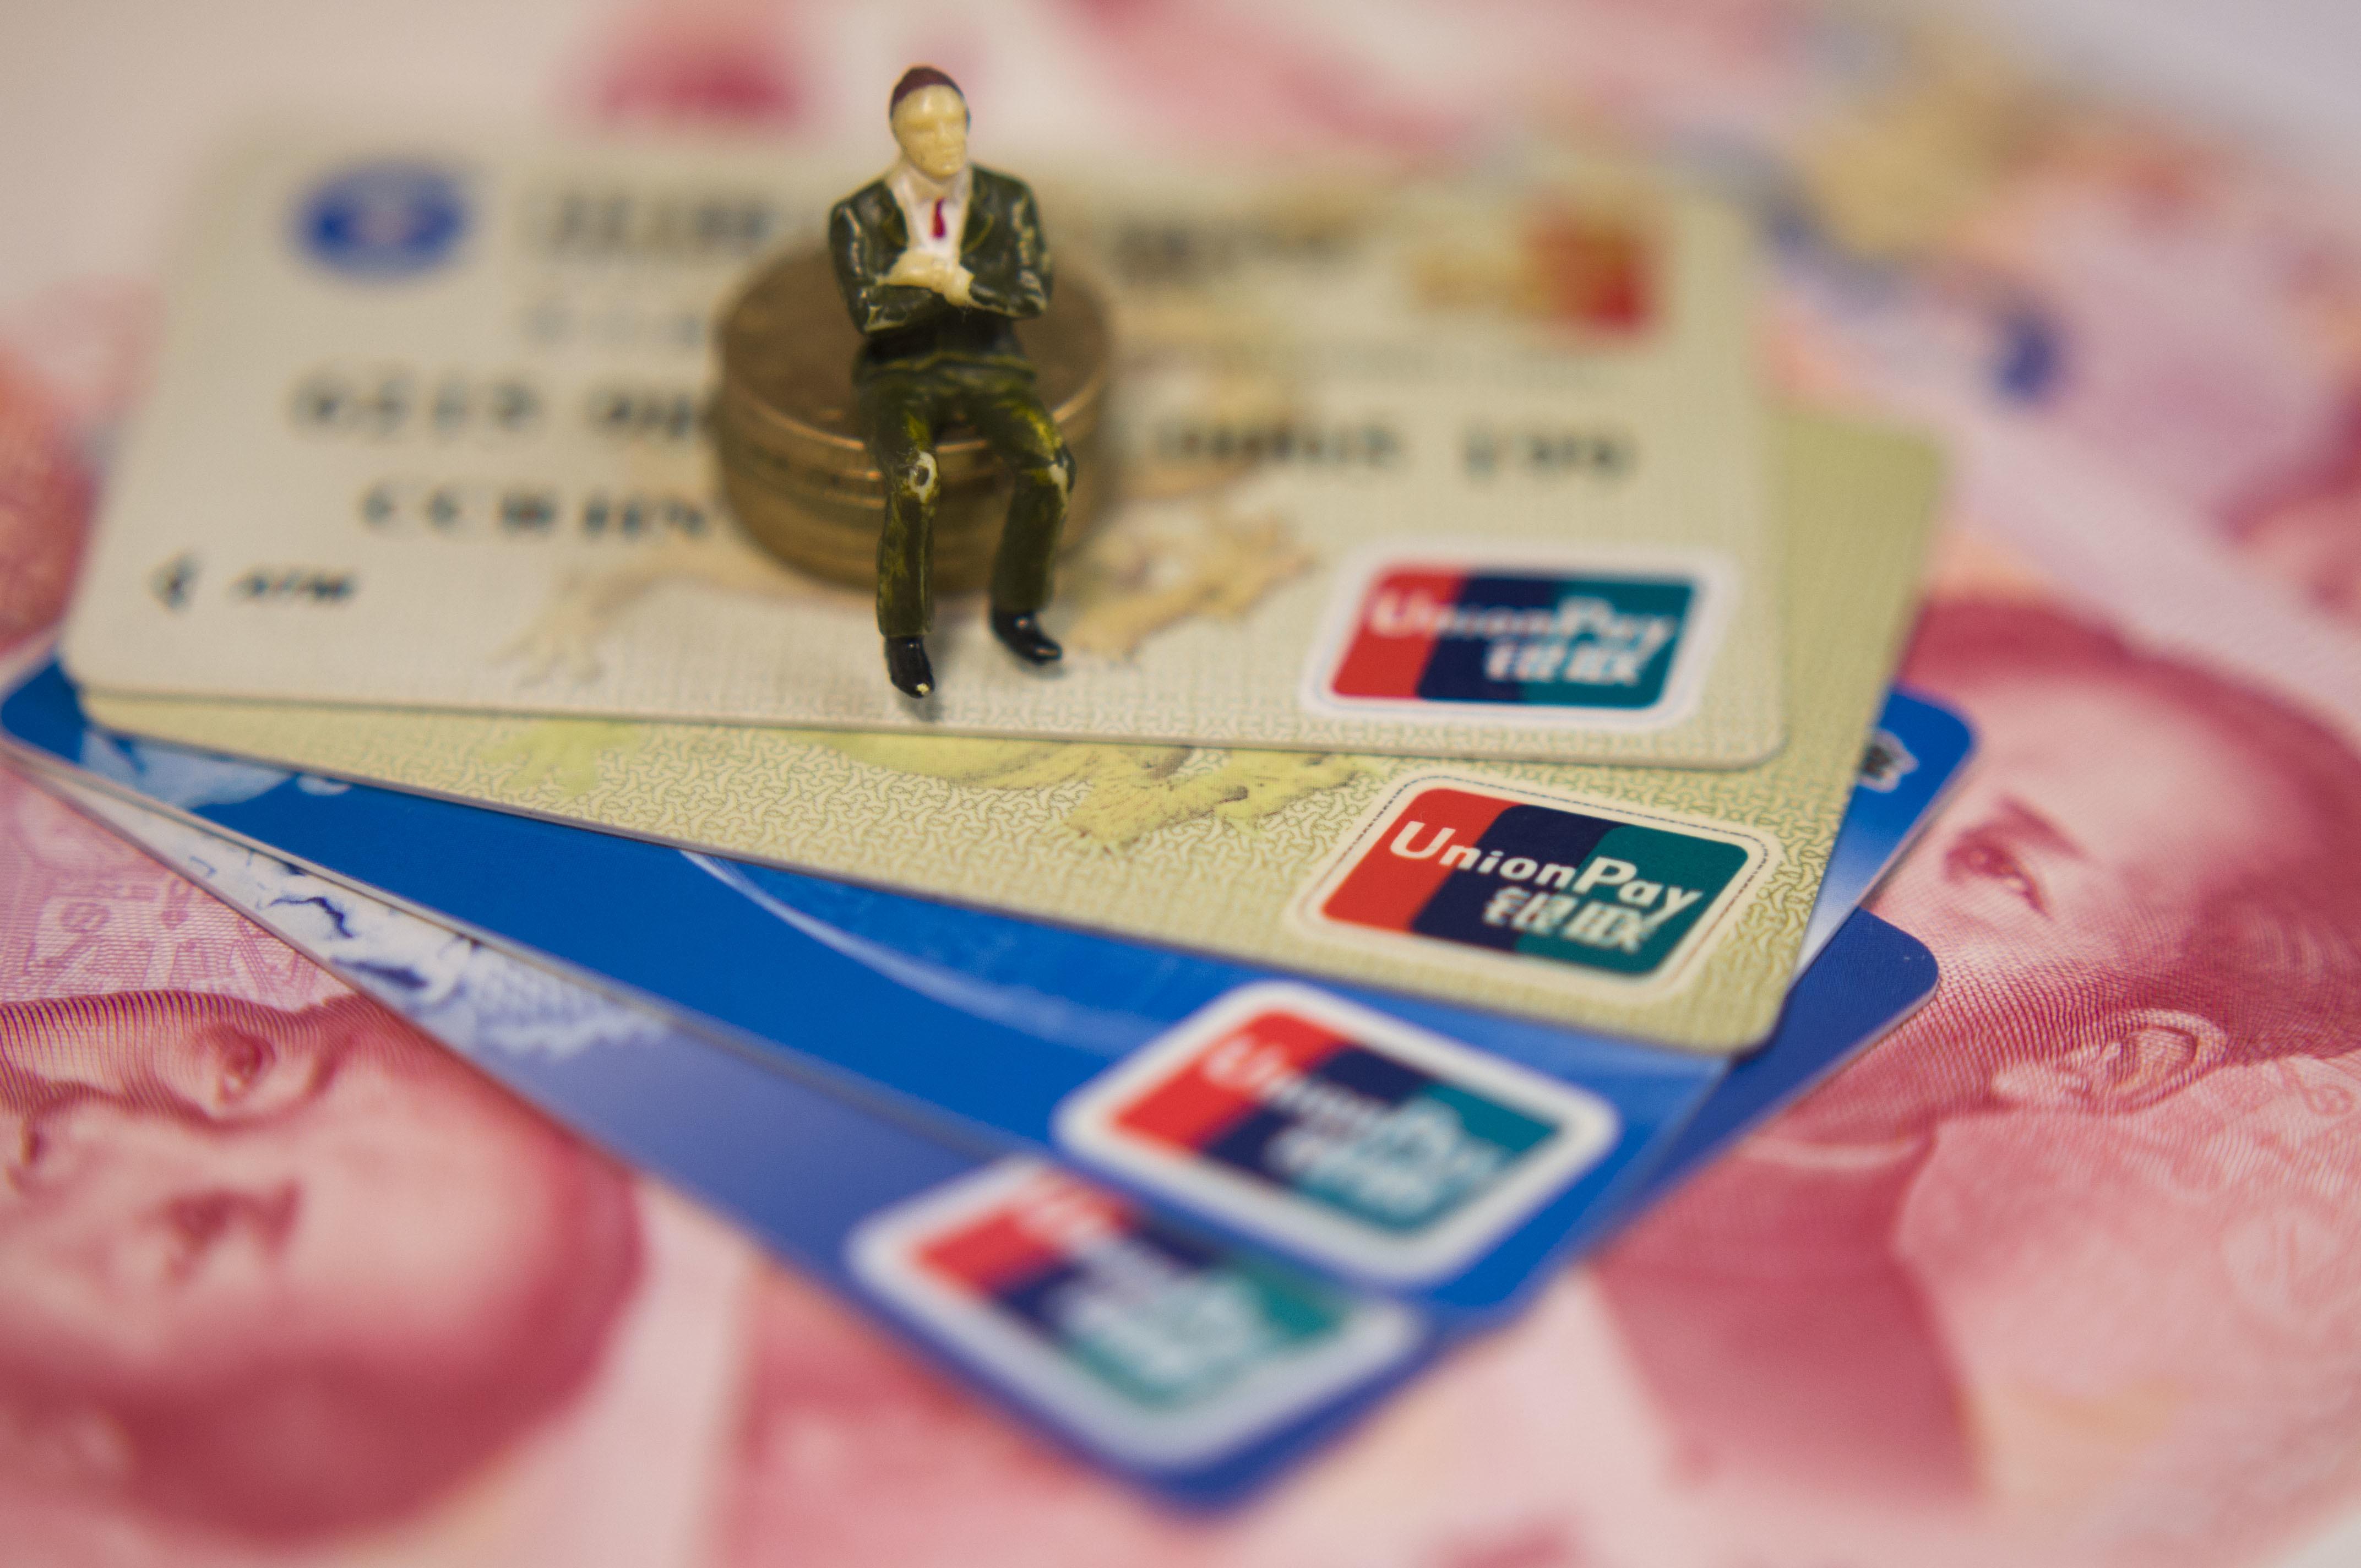 信用卡逾期一定上征信吗?有方法不上征信吗?